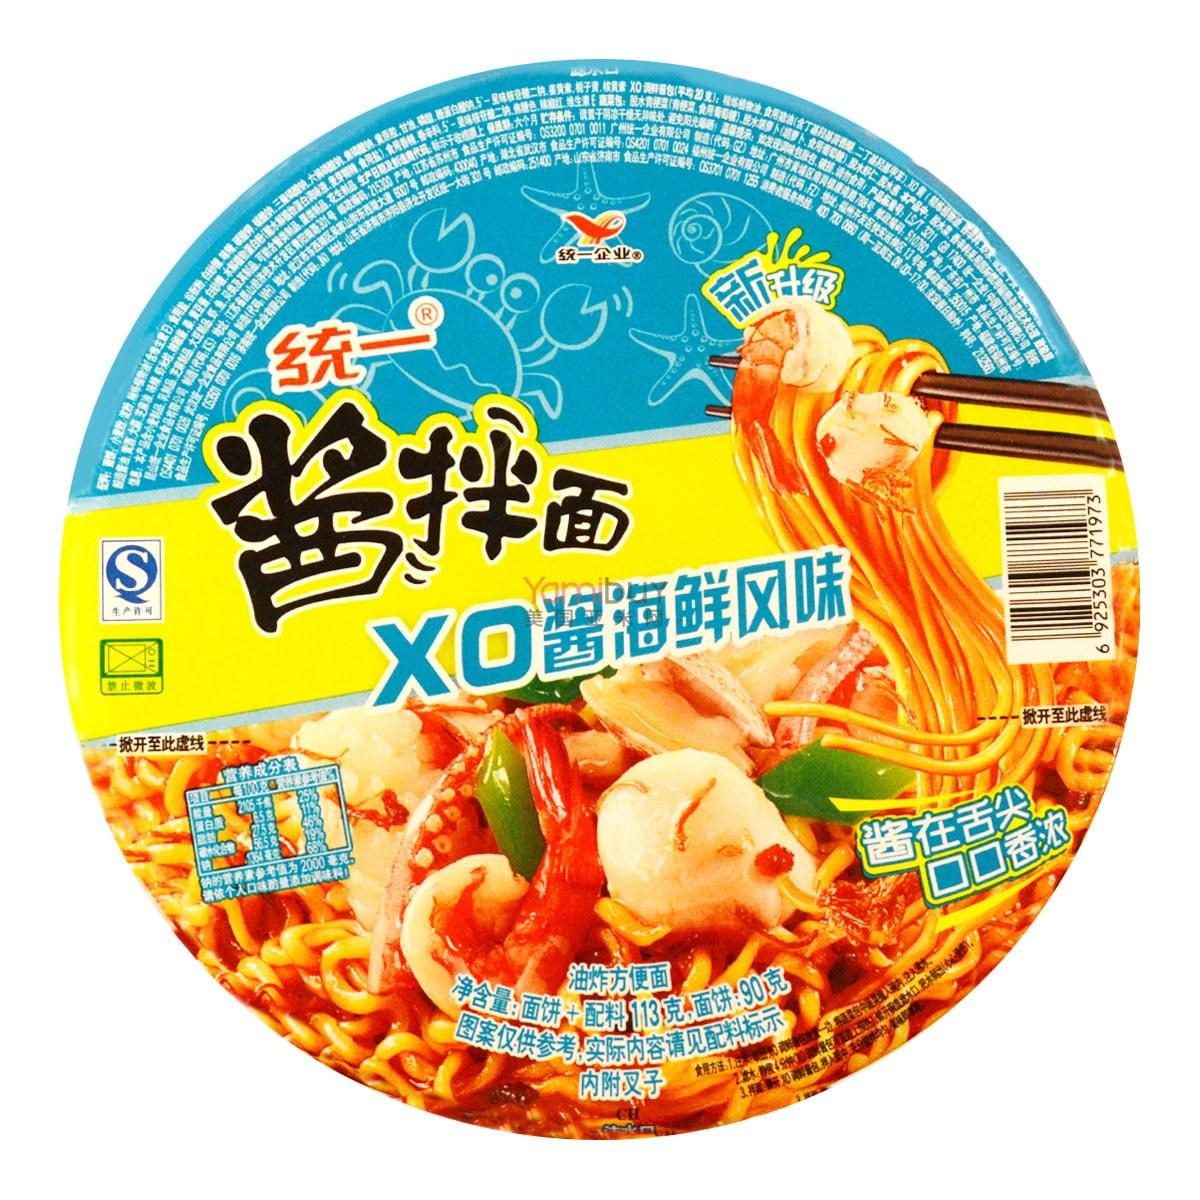 台湾统一 酱拌面 XO酱海鲜风味 碗面 113g